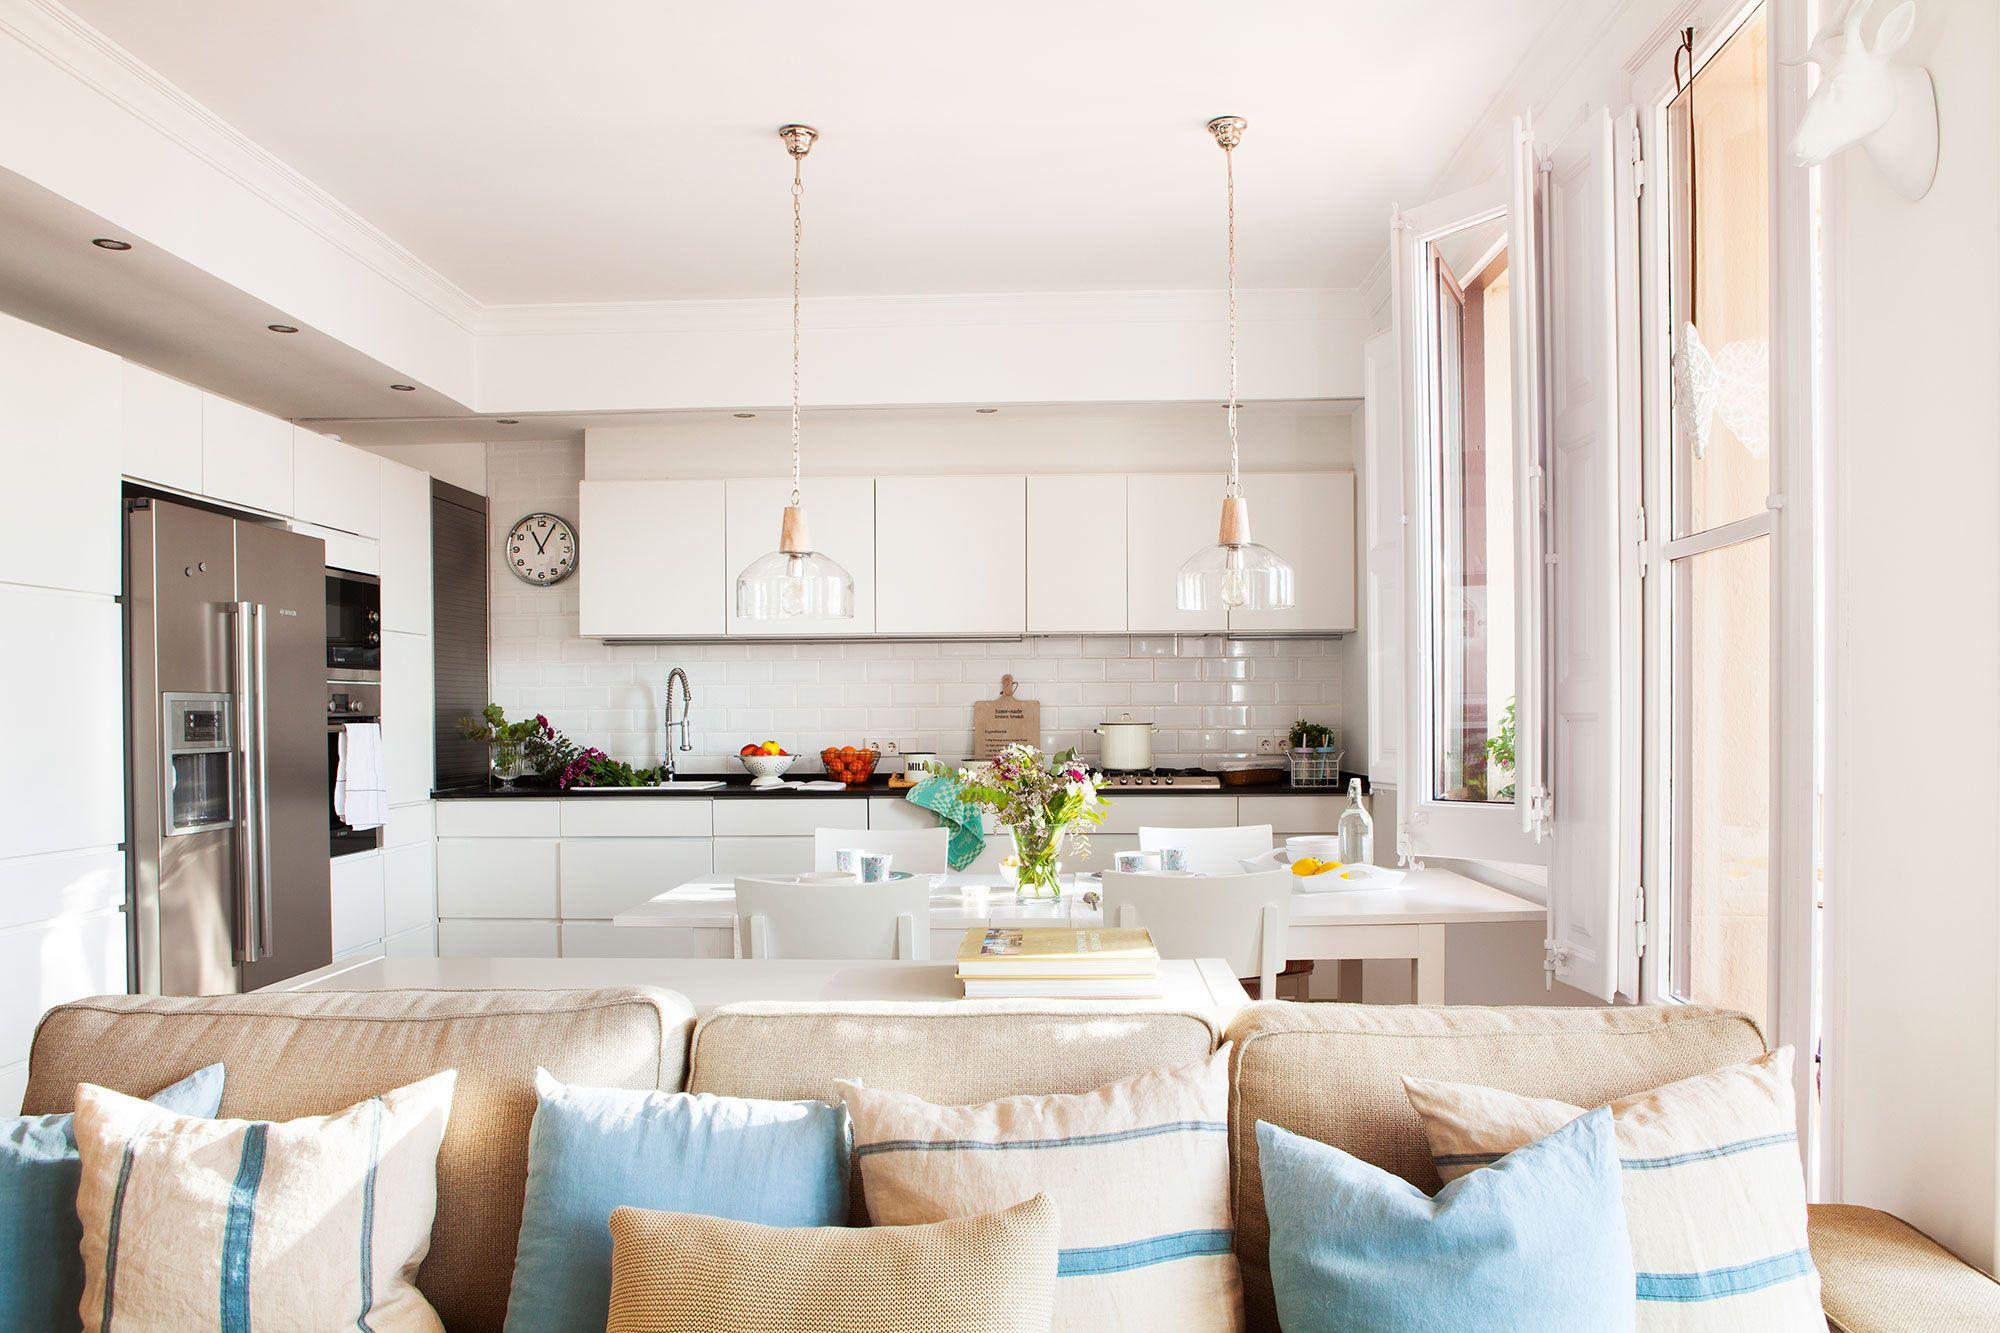 Cocina en blanco abierta al comedor y al salón | Cocinas en blanco ...